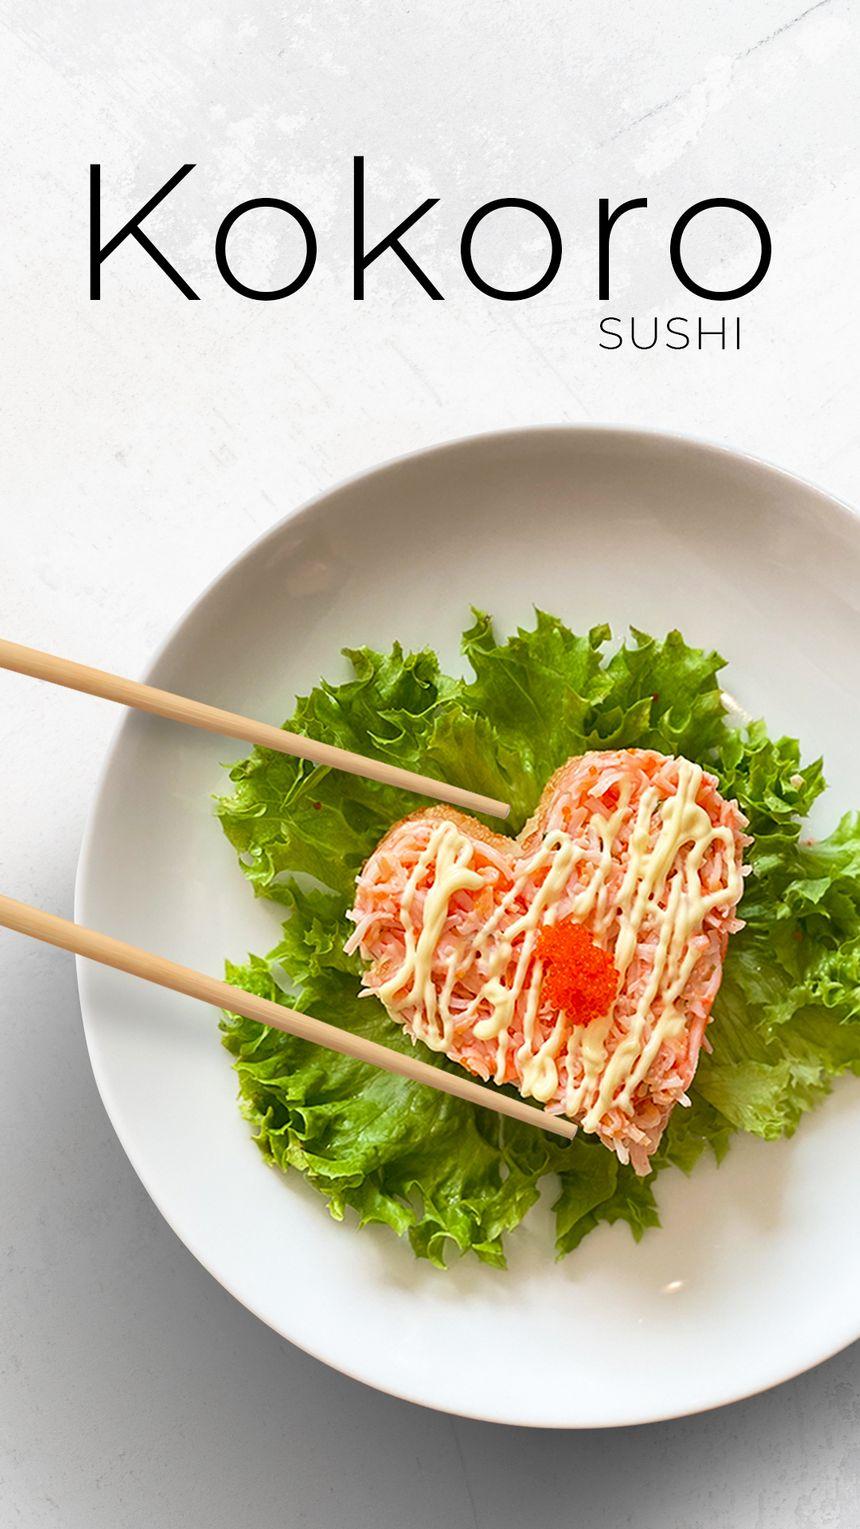 FREE Kokoro Sushi